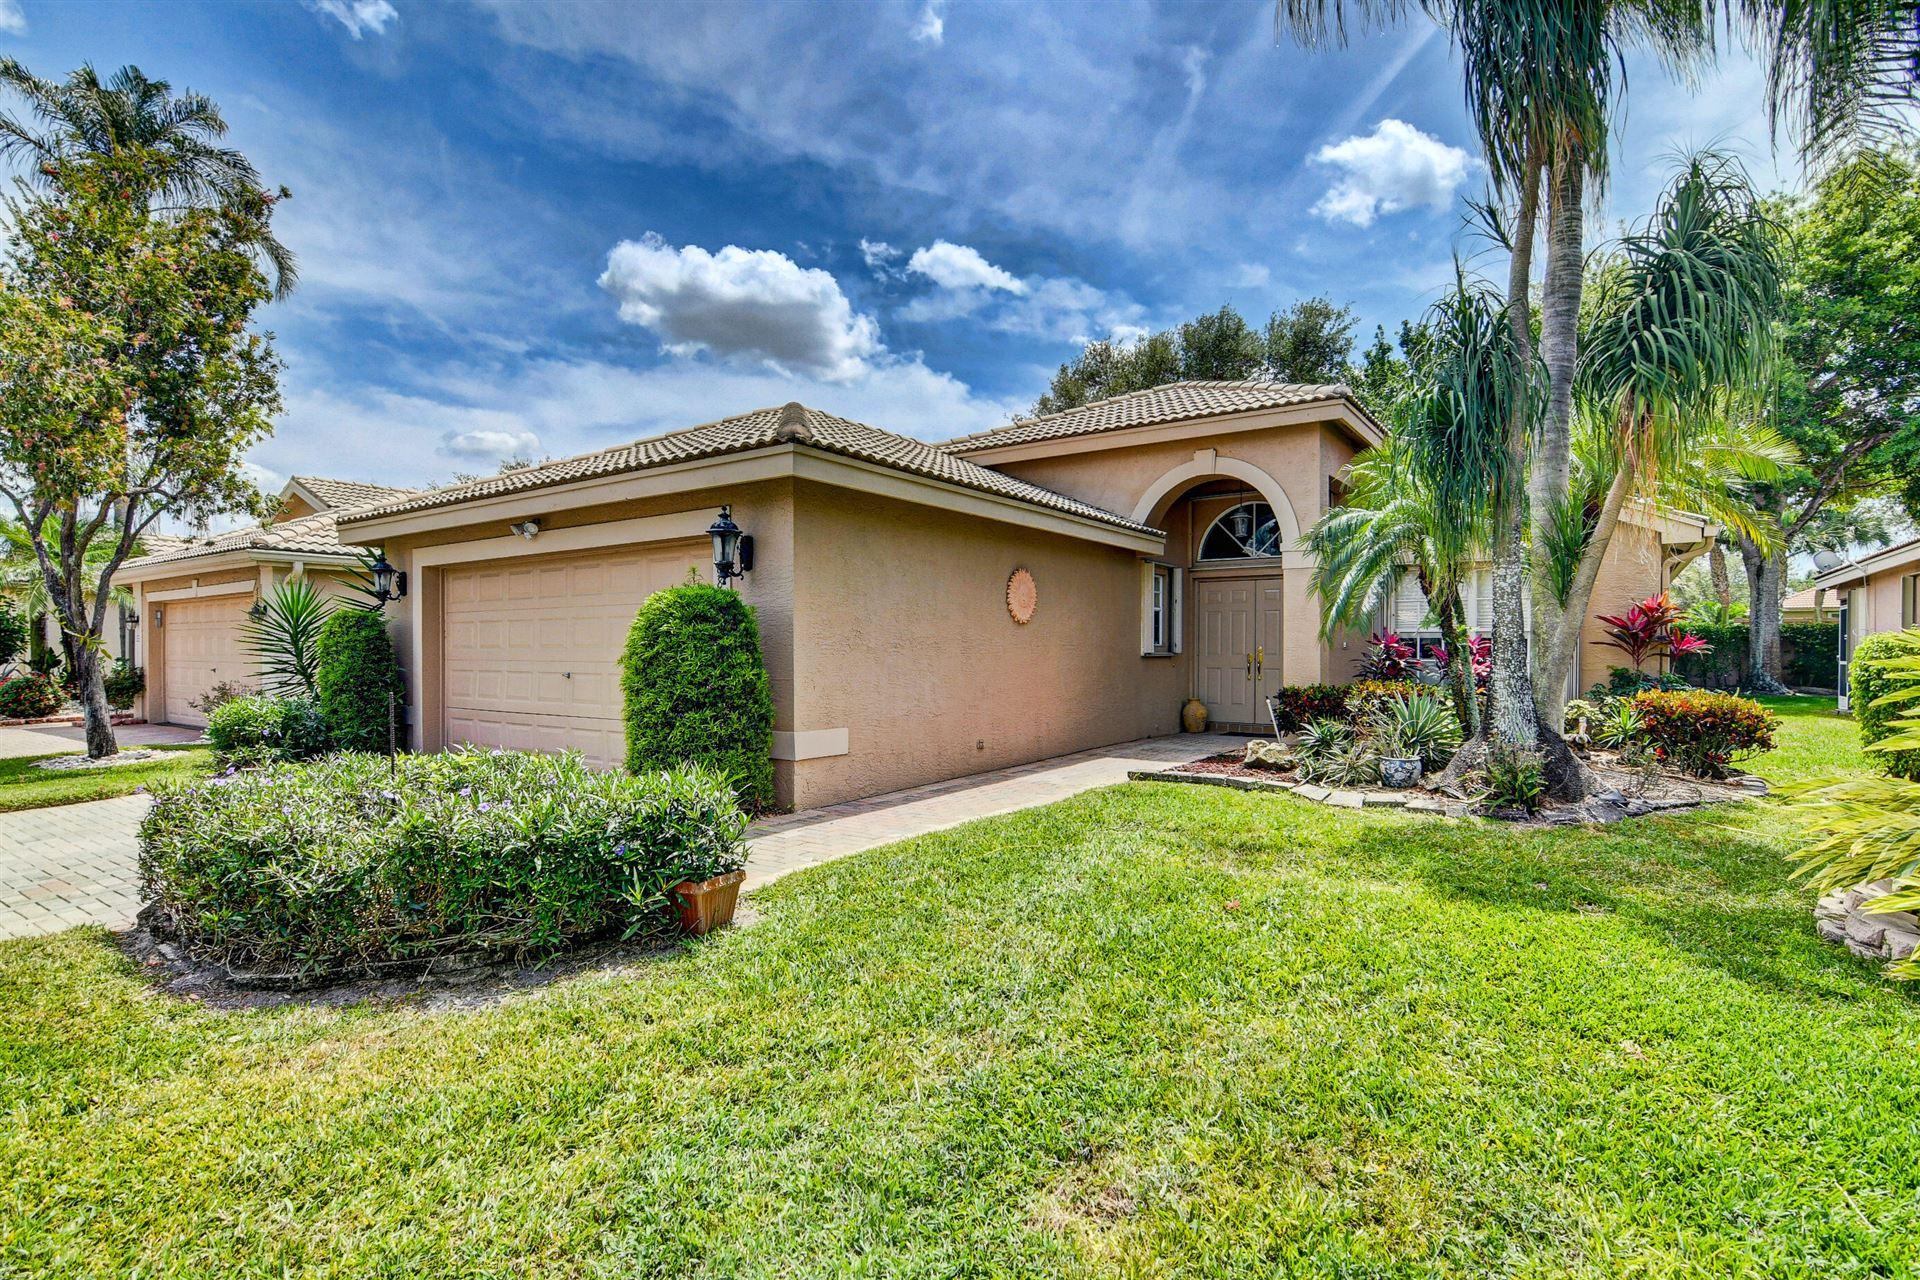 7888 San Isidro Street, Boynton Beach, FL 33437 - #: RX-10706486